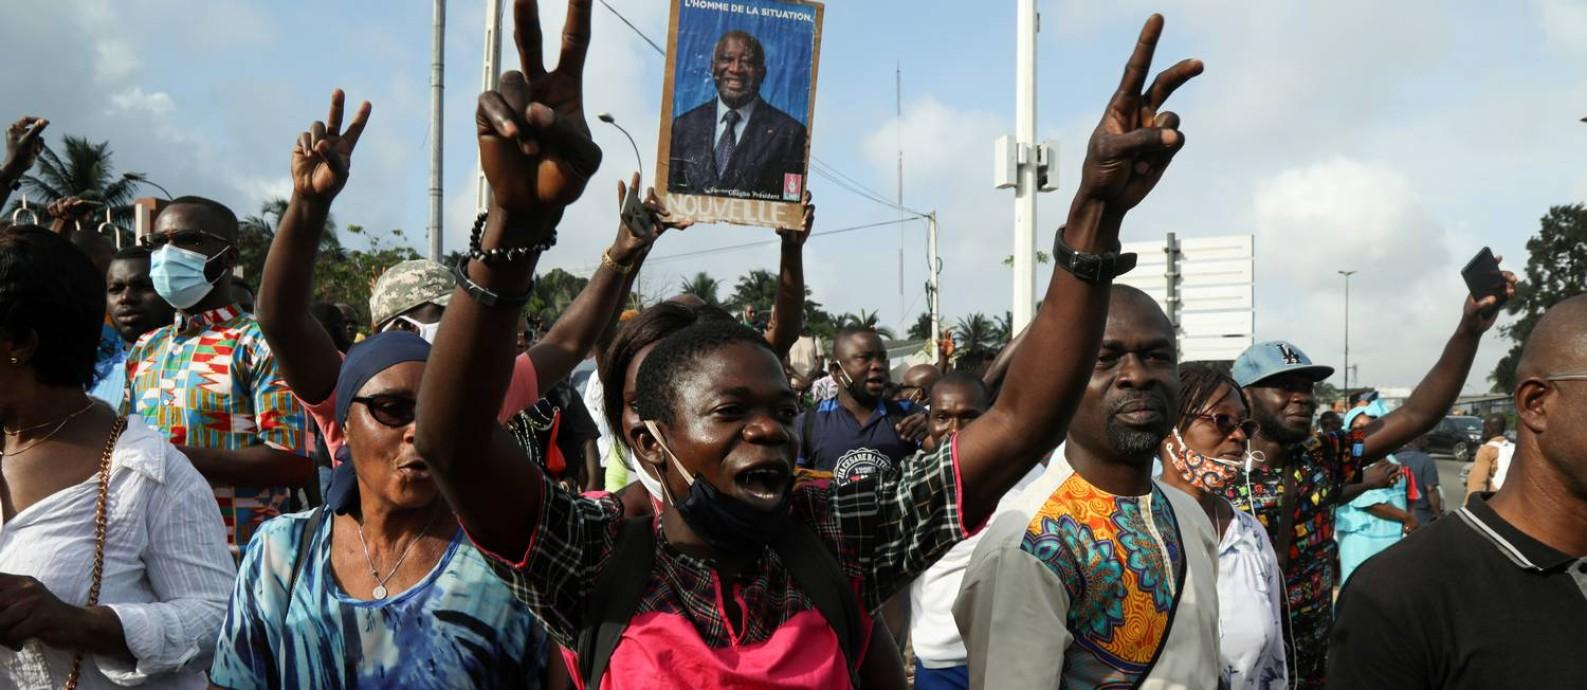 Apoiadores do ex-presidente da Costa do Marfim, Lauren Gbagbo, em manifestação na cidade de Abidjan Foto: Luc Gnago / Reuters